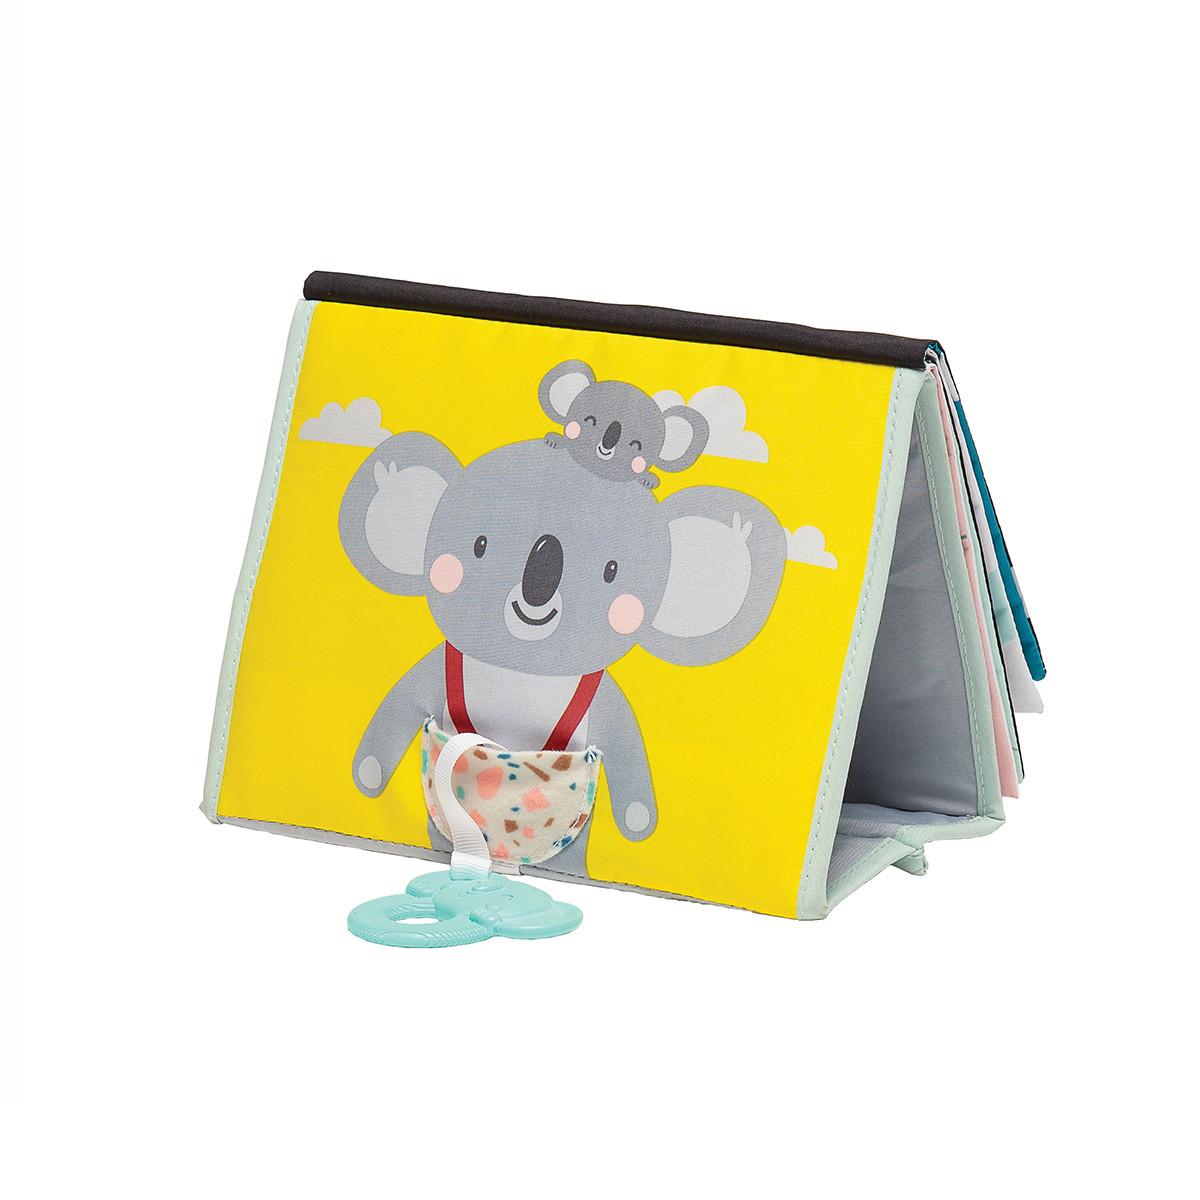 Taf Toys Развивающая книжка-раскладушка Приключения коалы Кимми - коллекции Мечтательные коалы, 12395